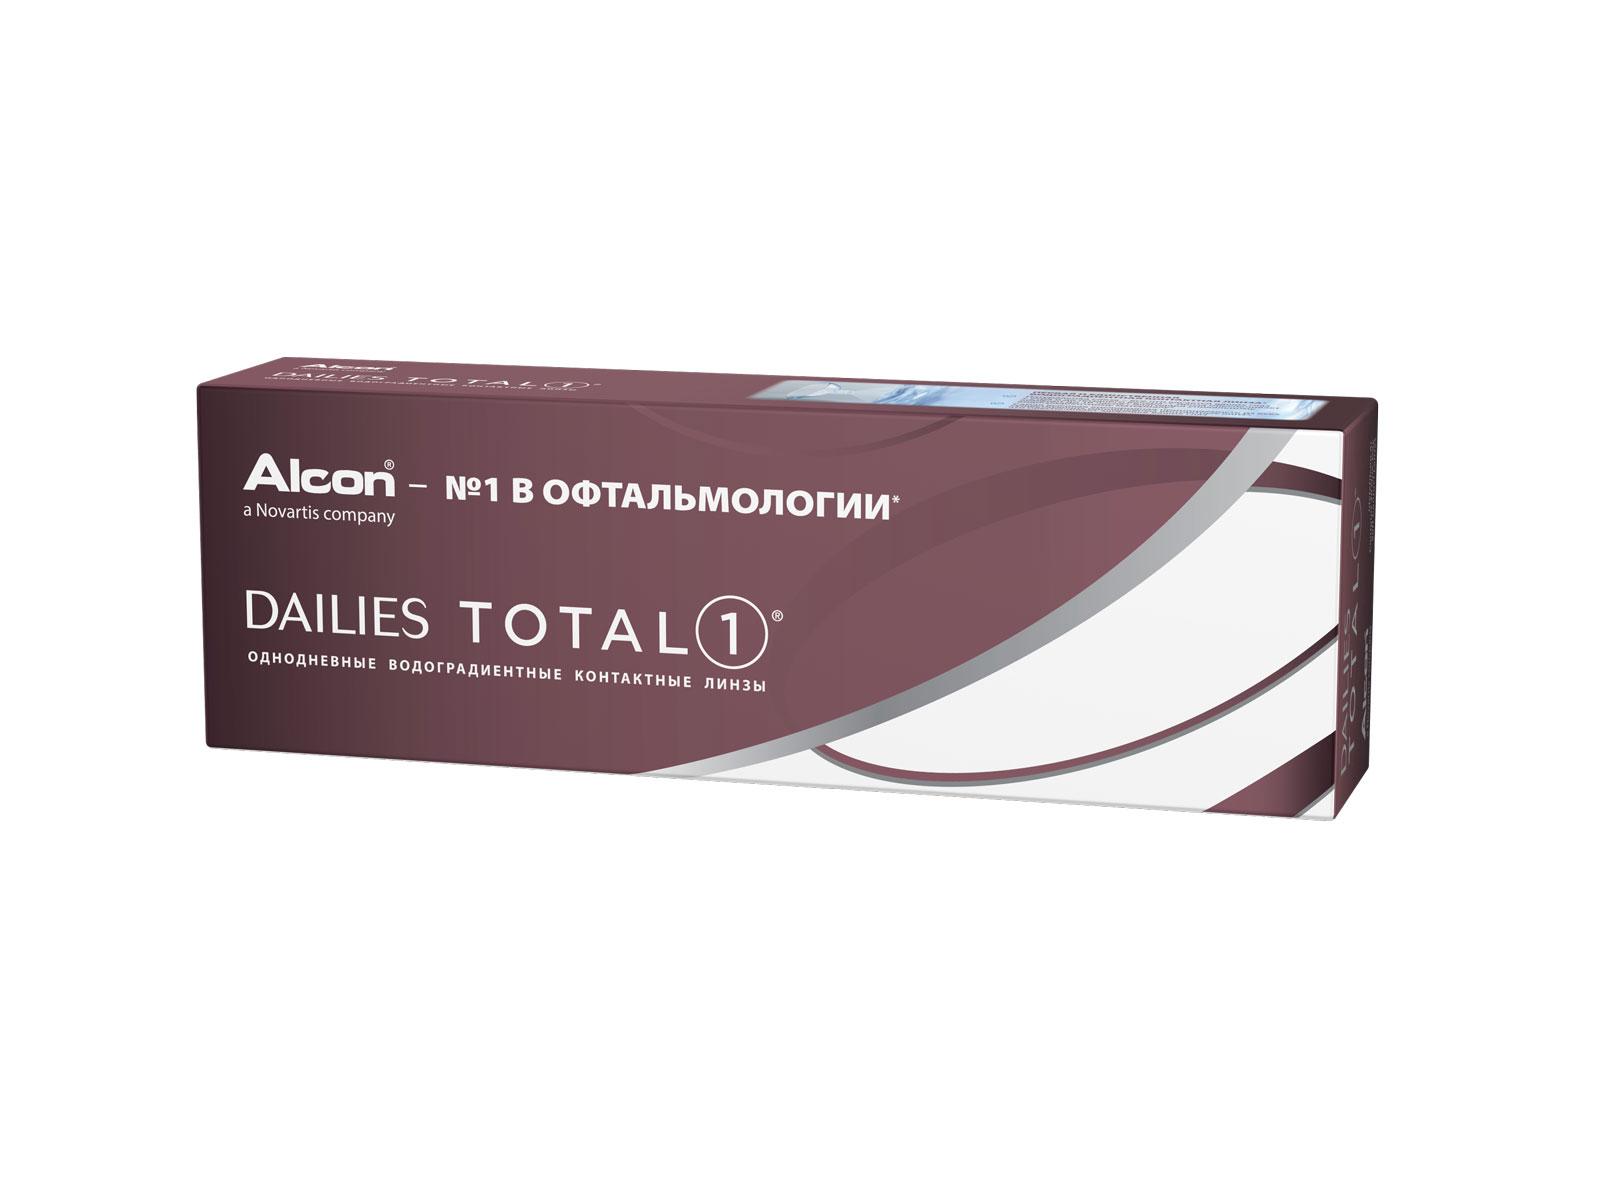 Alcon контактные линзы Dailies Total 1 30pk /-4.50 / 8.5 / 14.1100016528Dailies Total 1 – линзы, которые не чувствуешь с утра и до поздного вечера. Эти однодневные контактные линзы выполнены из уникального водоградиентного материала, багодаря которому натуральная слеза – это все, что касается ваших глаз. Почти 100% влаги на поверхности обеспечивают непревзойденный комфорт до 16 часов ношения.